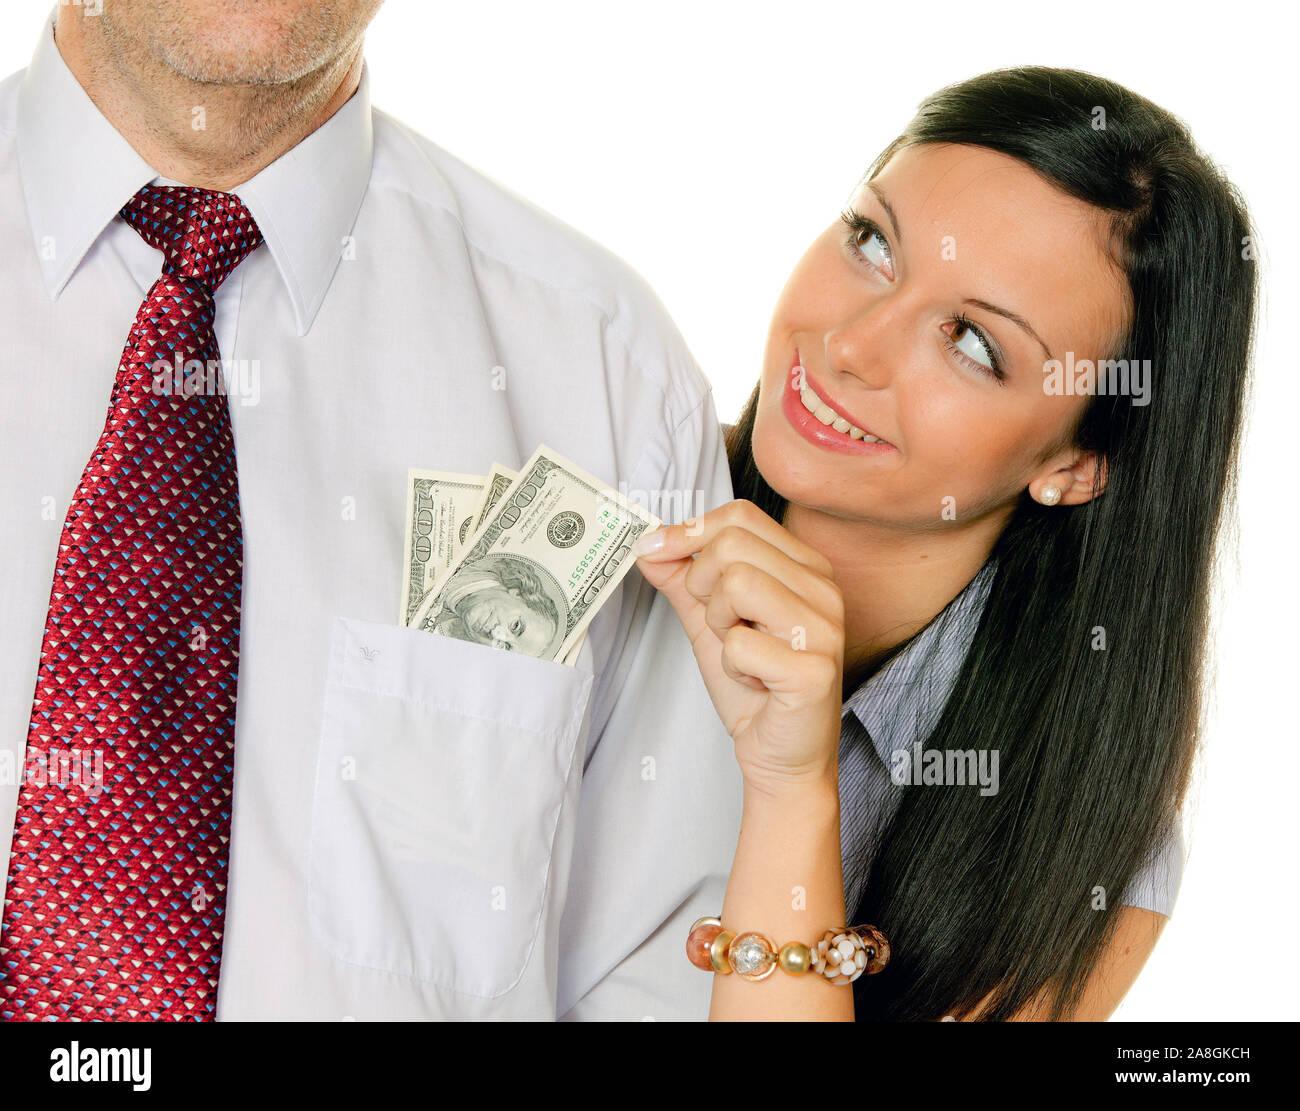 Frau Junge, 25, 30 Jahre, zieht einem Mann aus der Geld Tasche, Dólares, señor:Yes Foto de stock